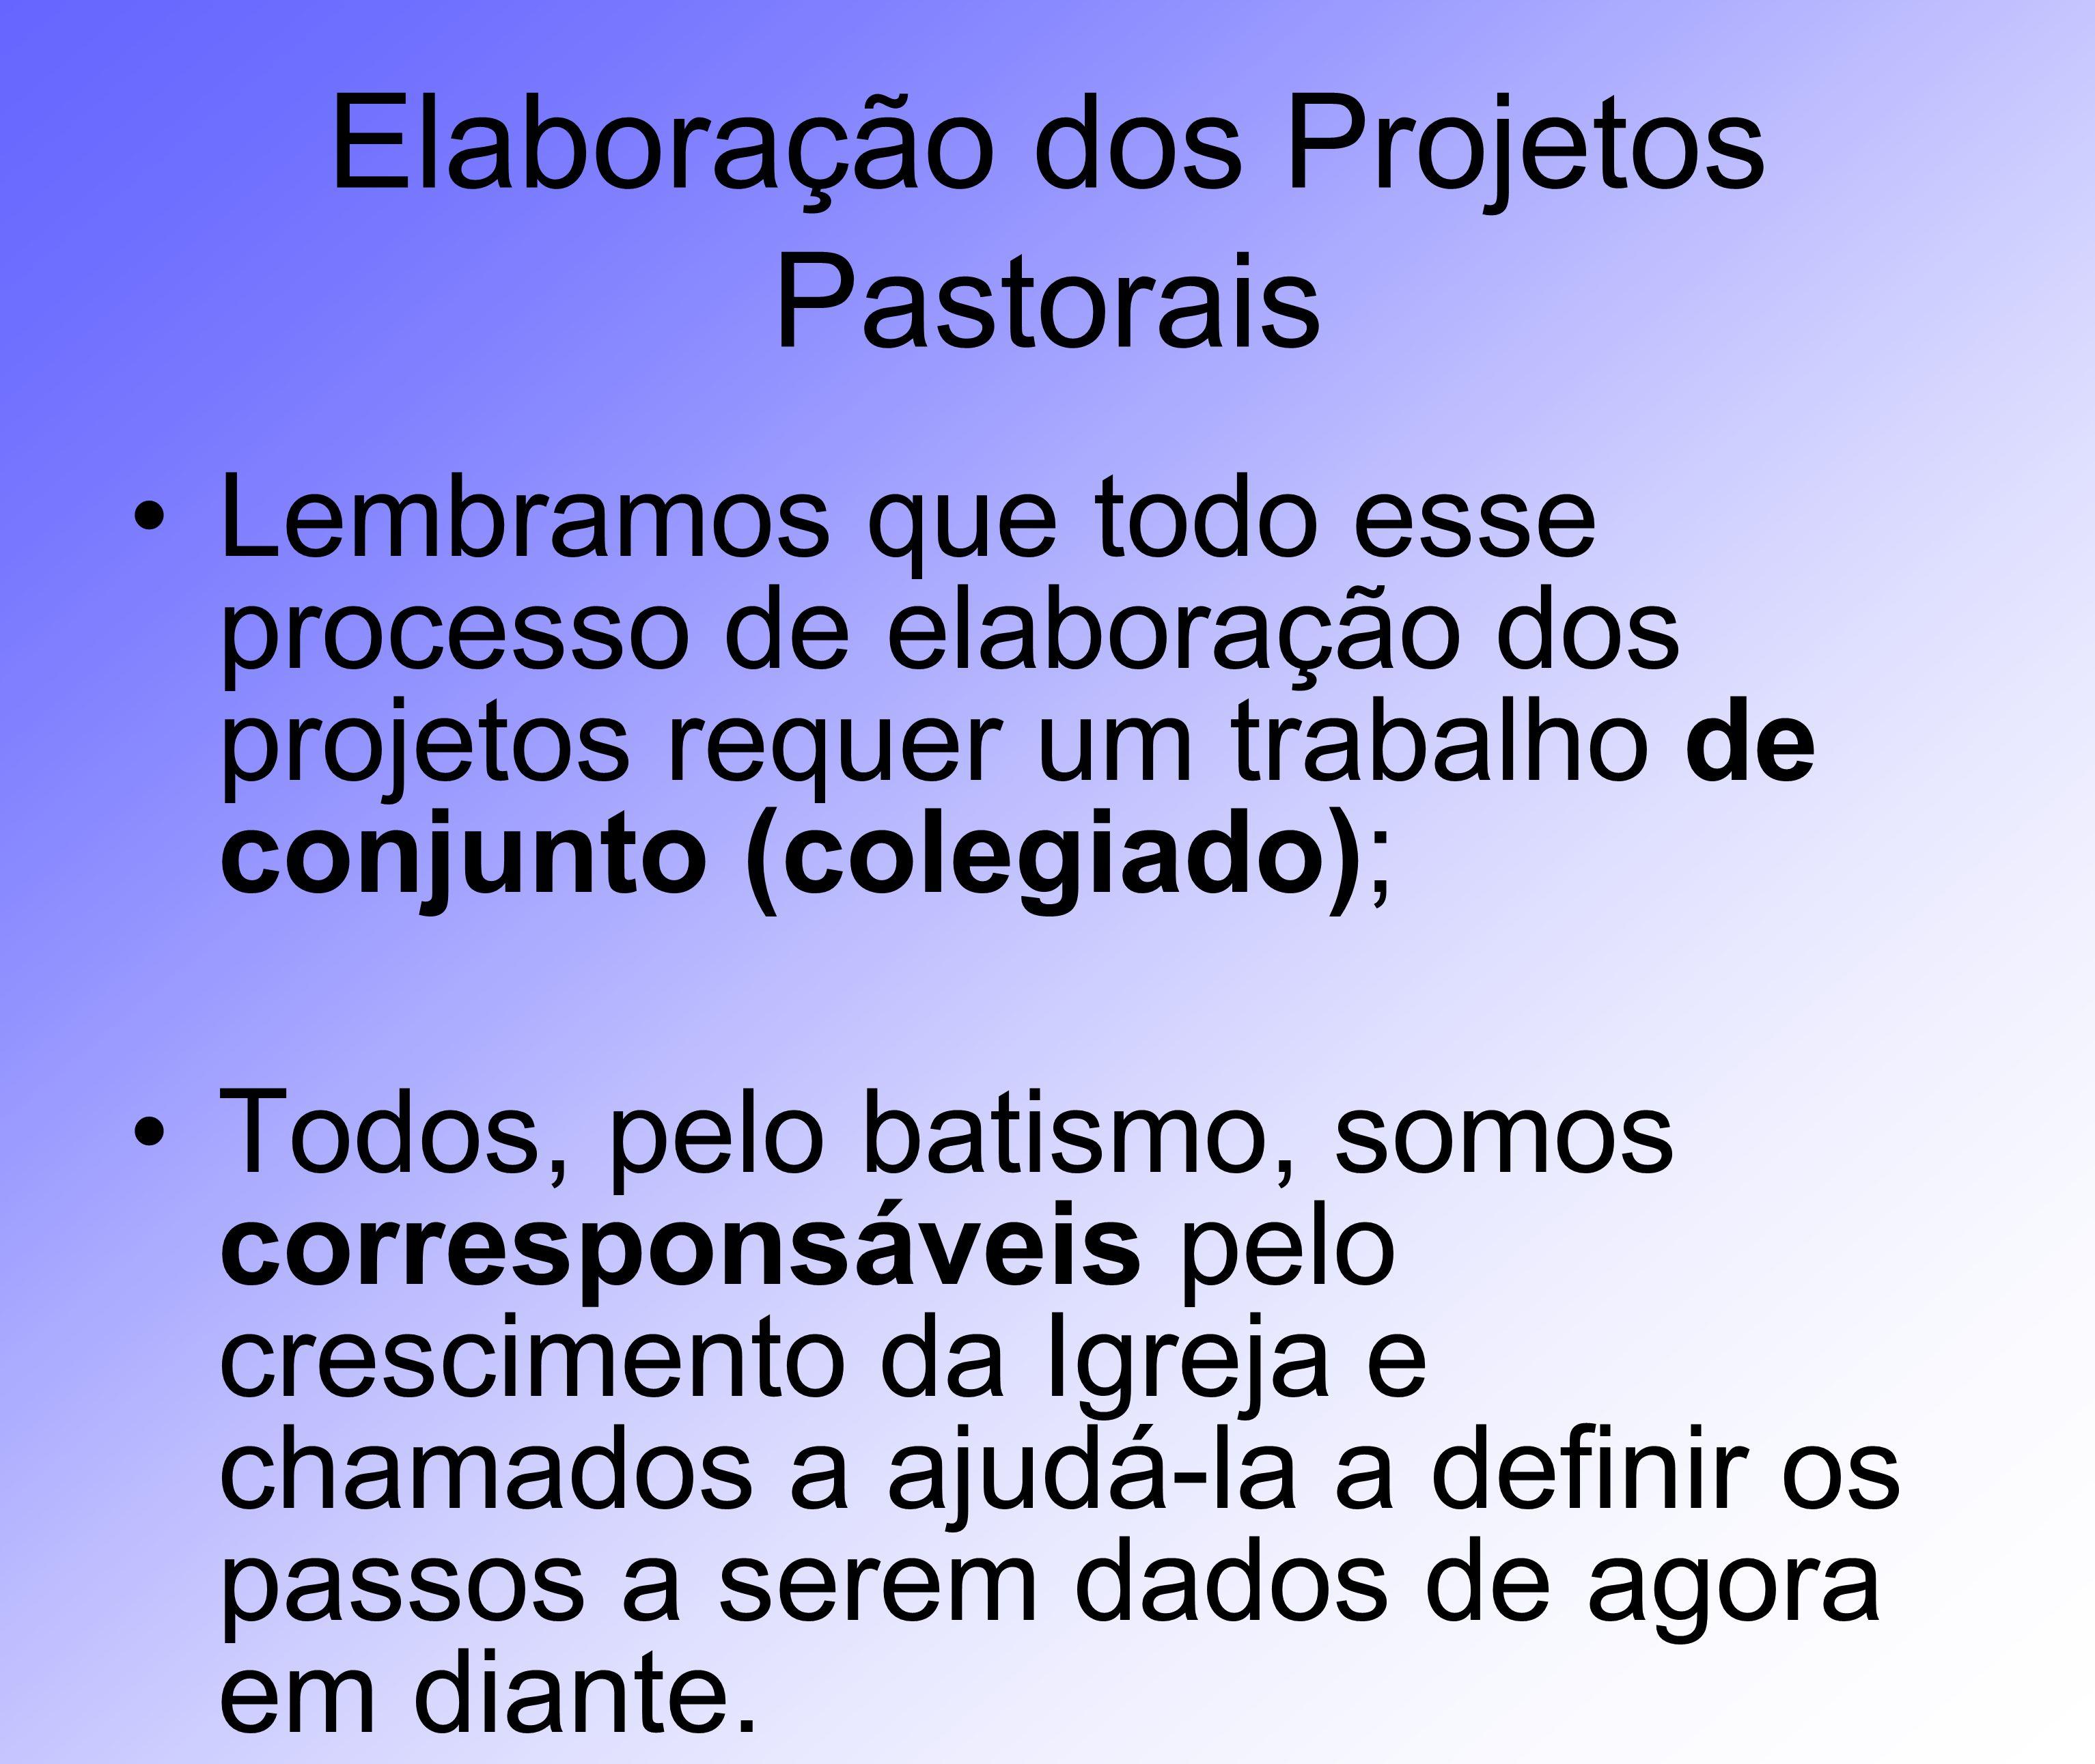 Elaboração dos Projetos Pastorais Lembramos que todo esse processo de elaboração dos projetos requer um trabalho de conjunto (colegiado); Todos, pelo